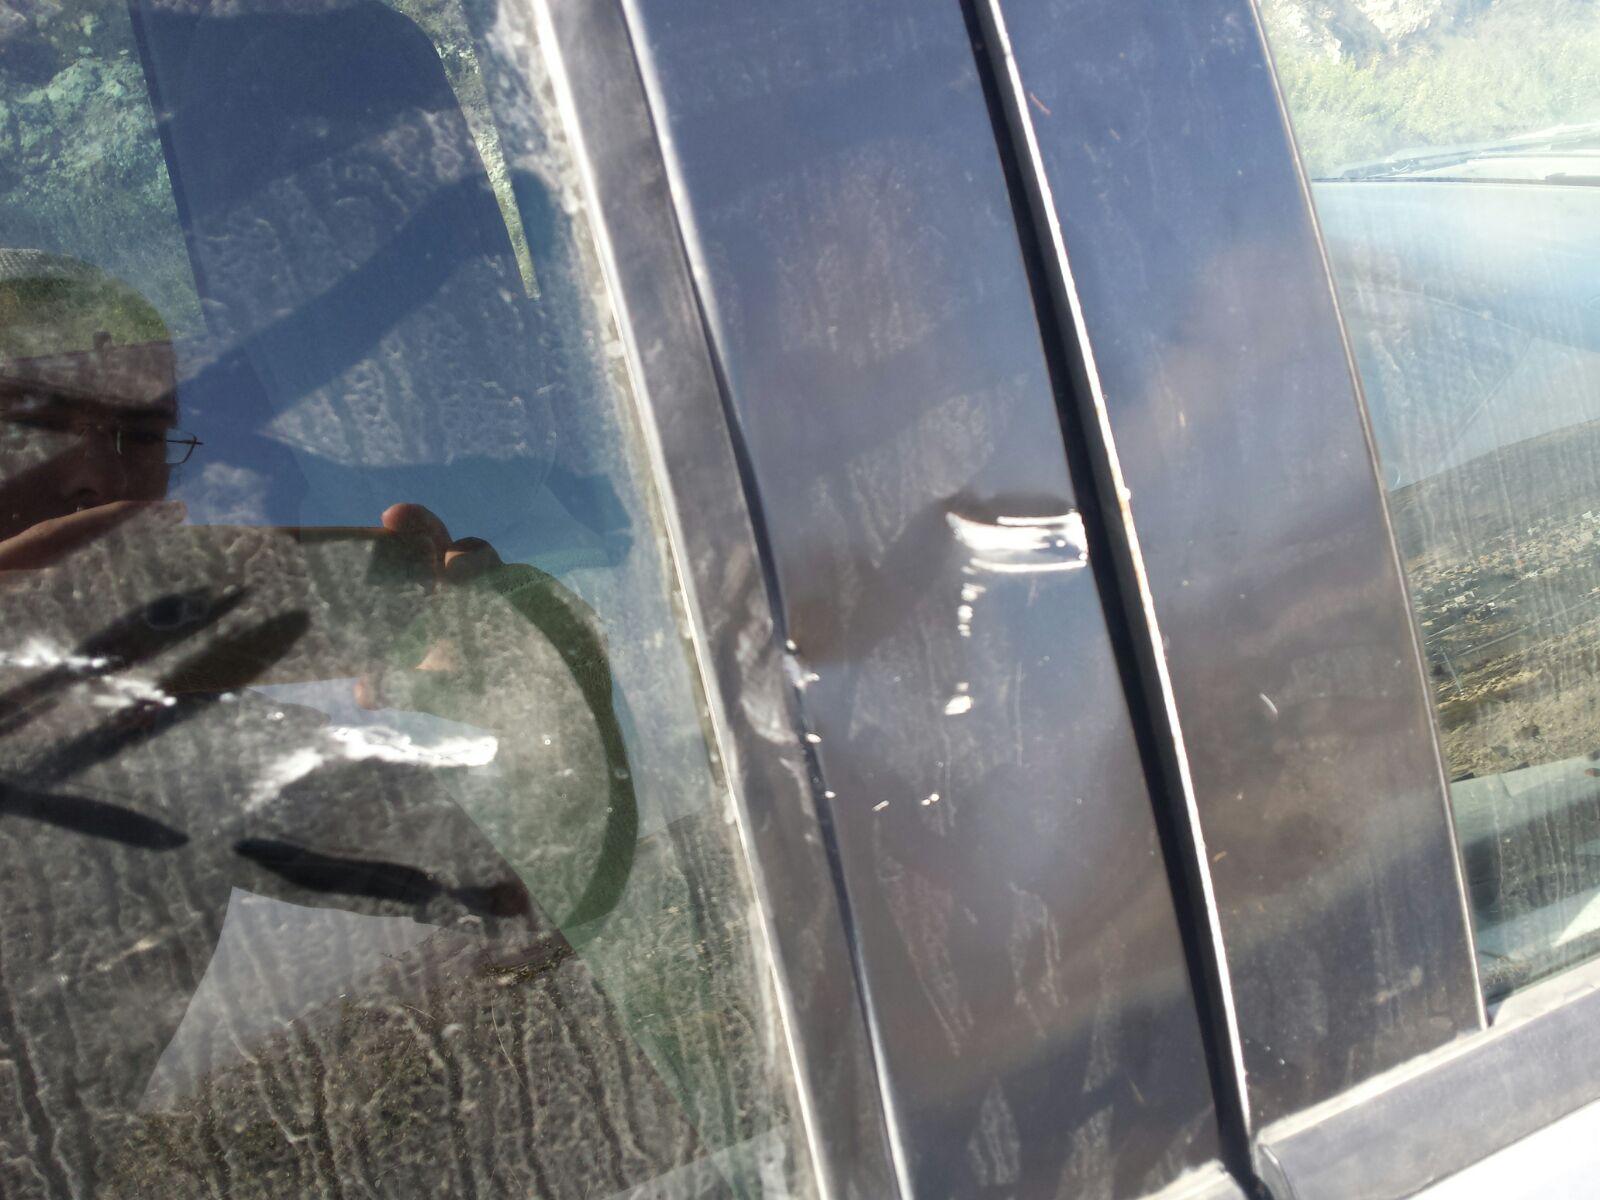 הרכב שנפגע. צילום: חוננו